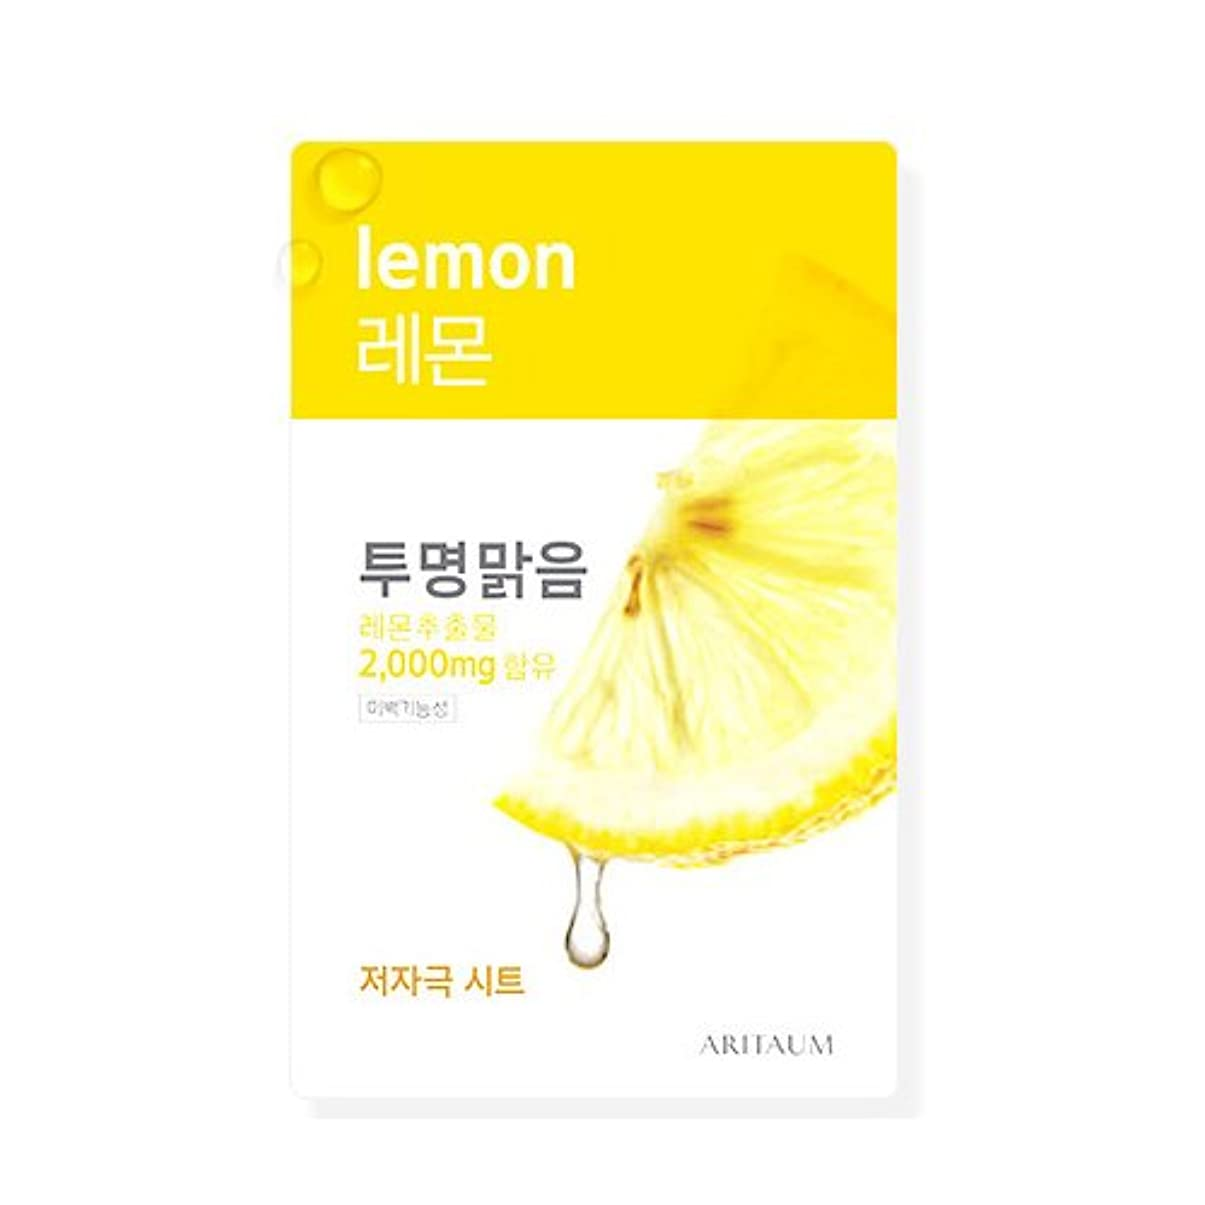 の配列協力する立ち向かうAritaum(アリタウム)フレッシュ エッセンス マスク(1回分×10枚セット)種類:レモン